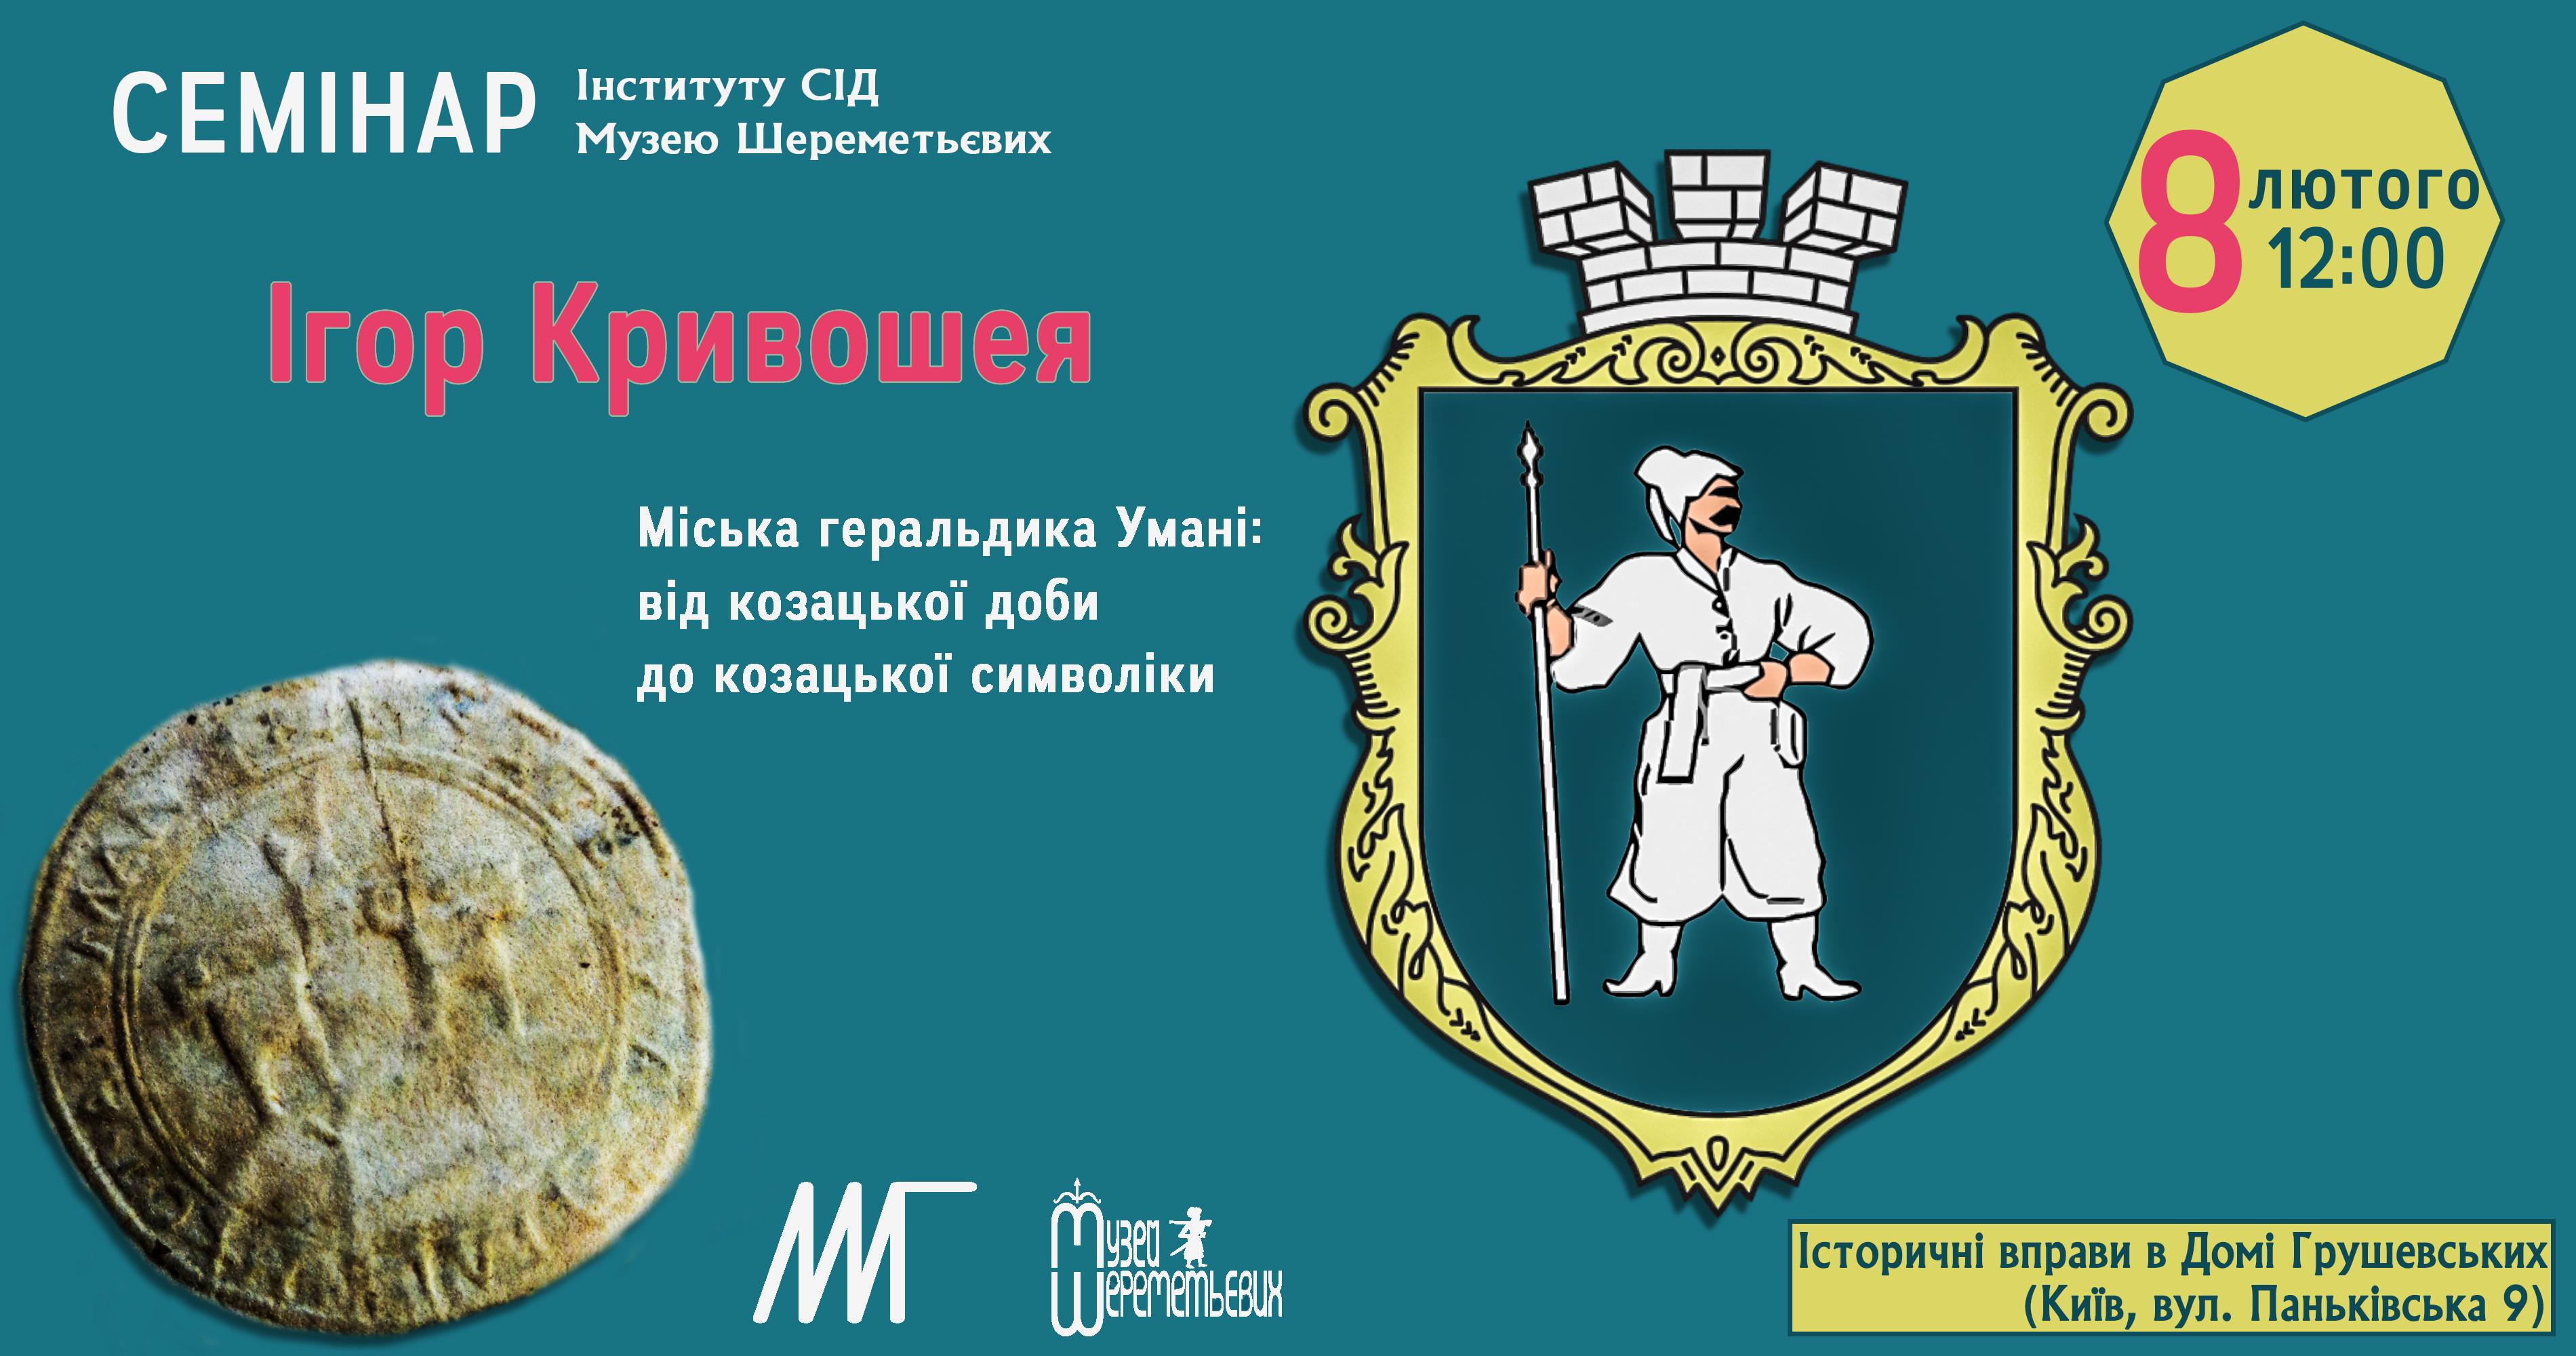 ХI семінар Інституту СІД Музею Шереметьєвих